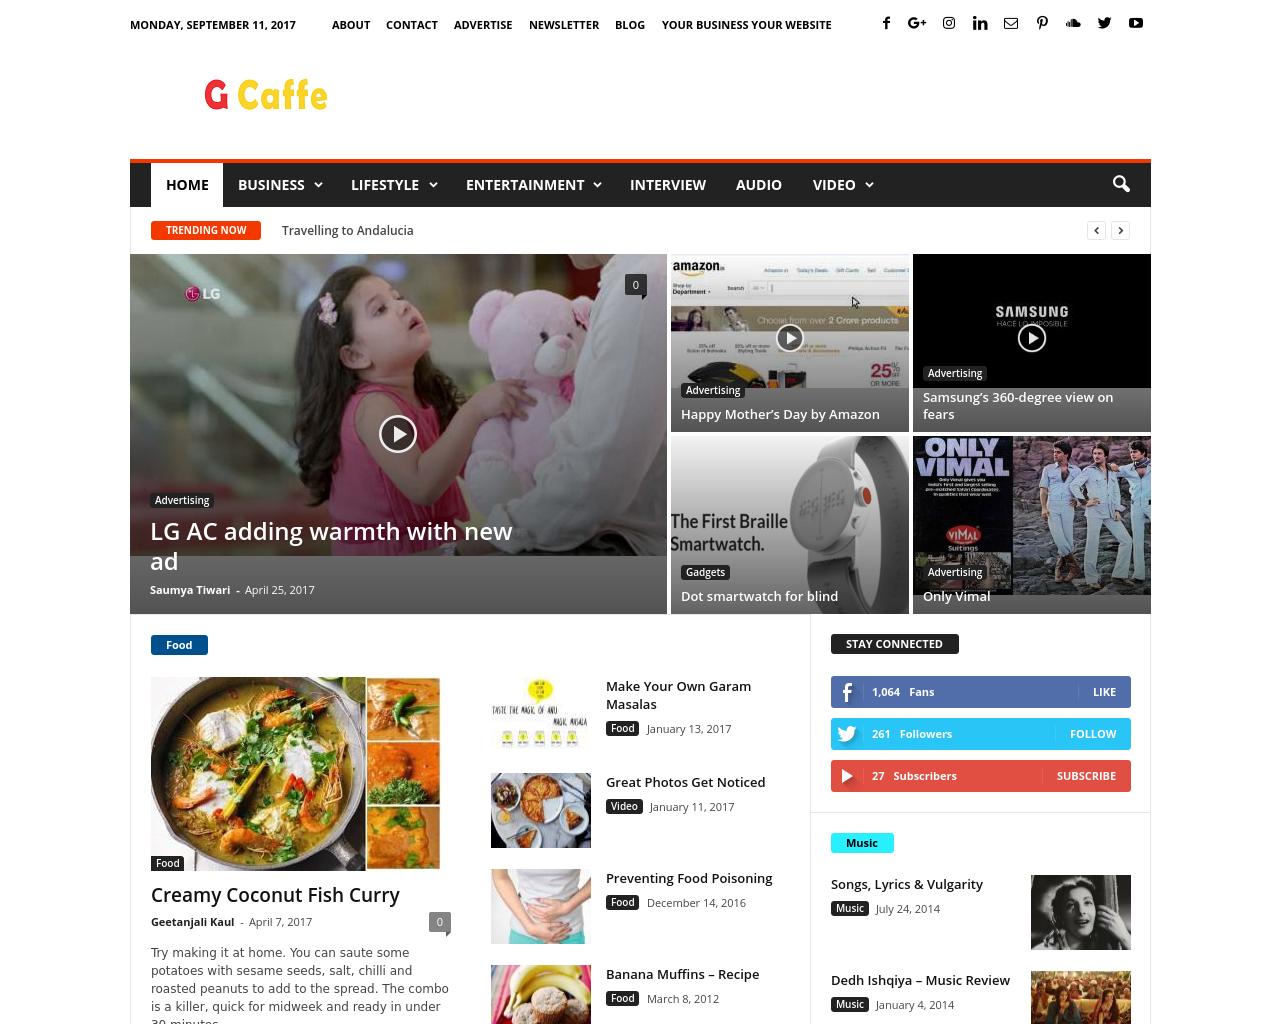 GCAFFE-Advertising-Reviews-Pricing